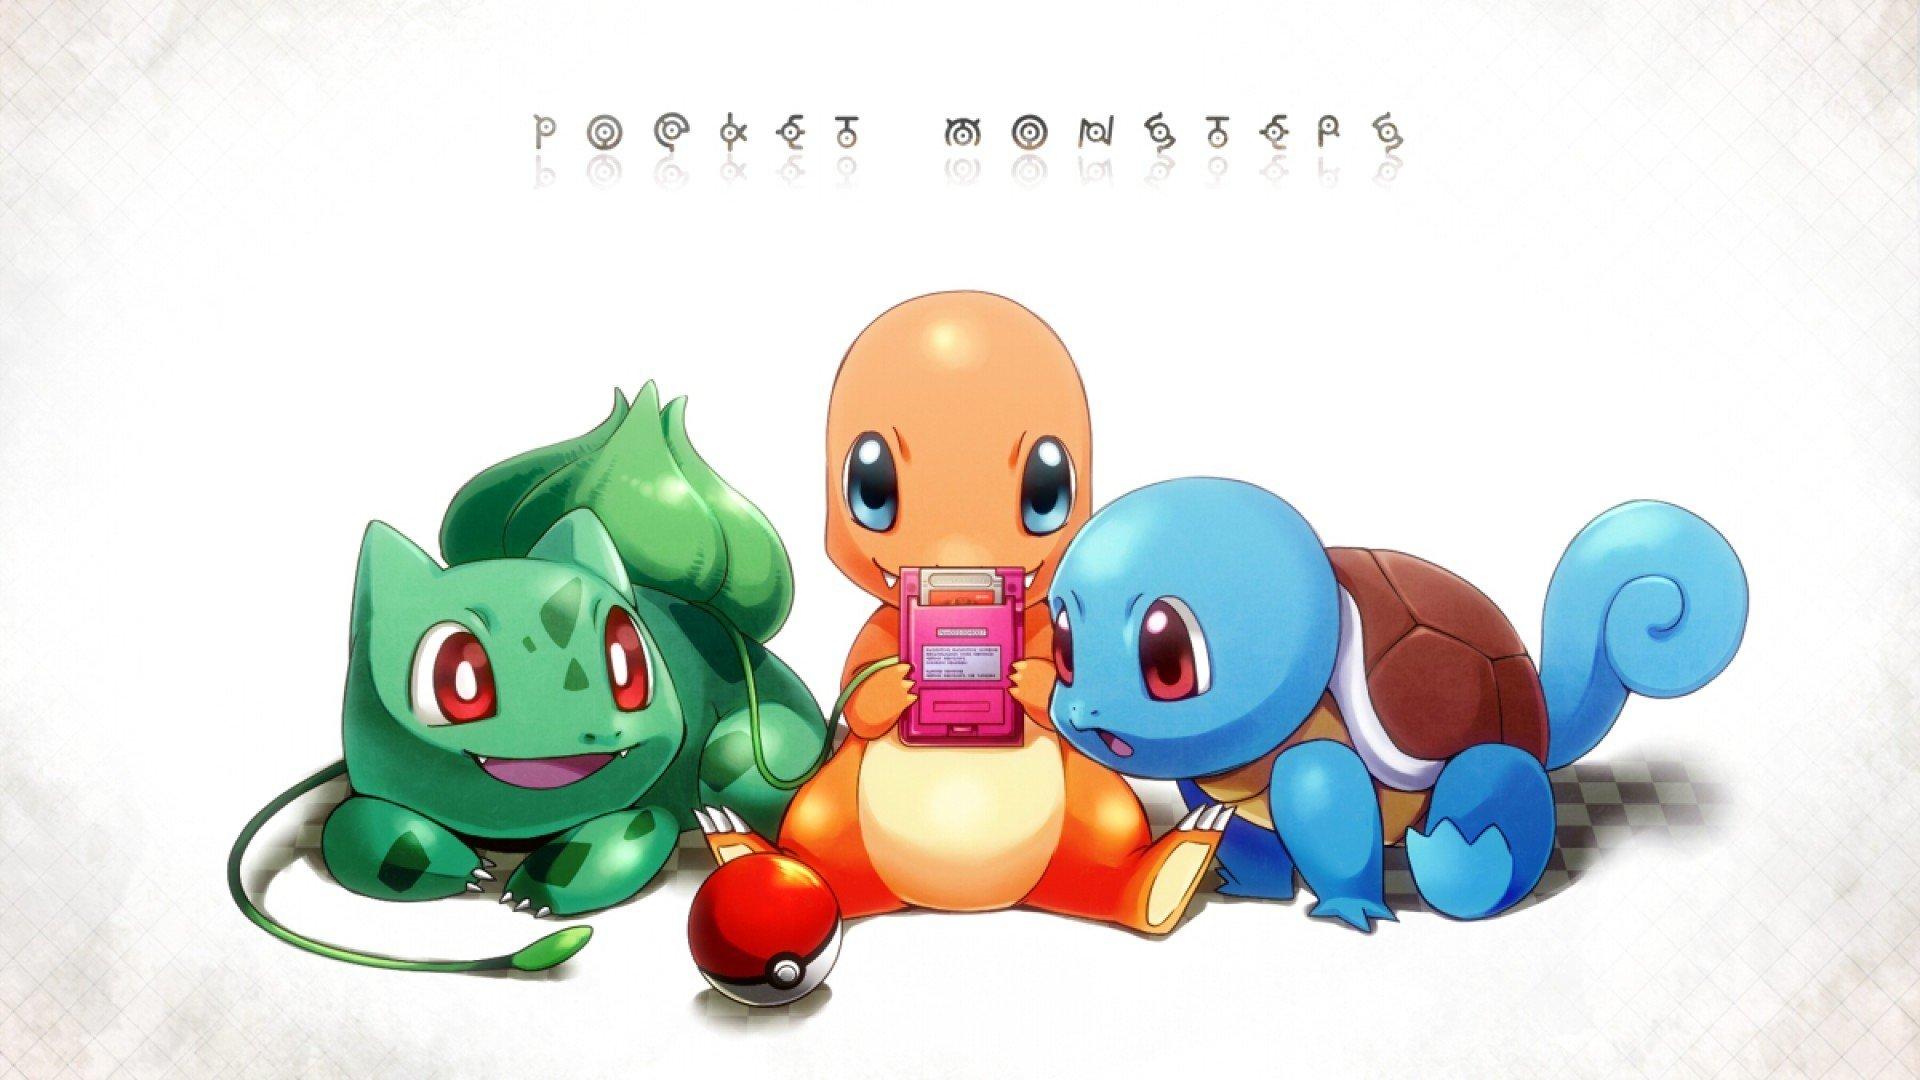 Wallpaper 1920x1080 Px Pokemon 1920x1080 Wallup 1224286